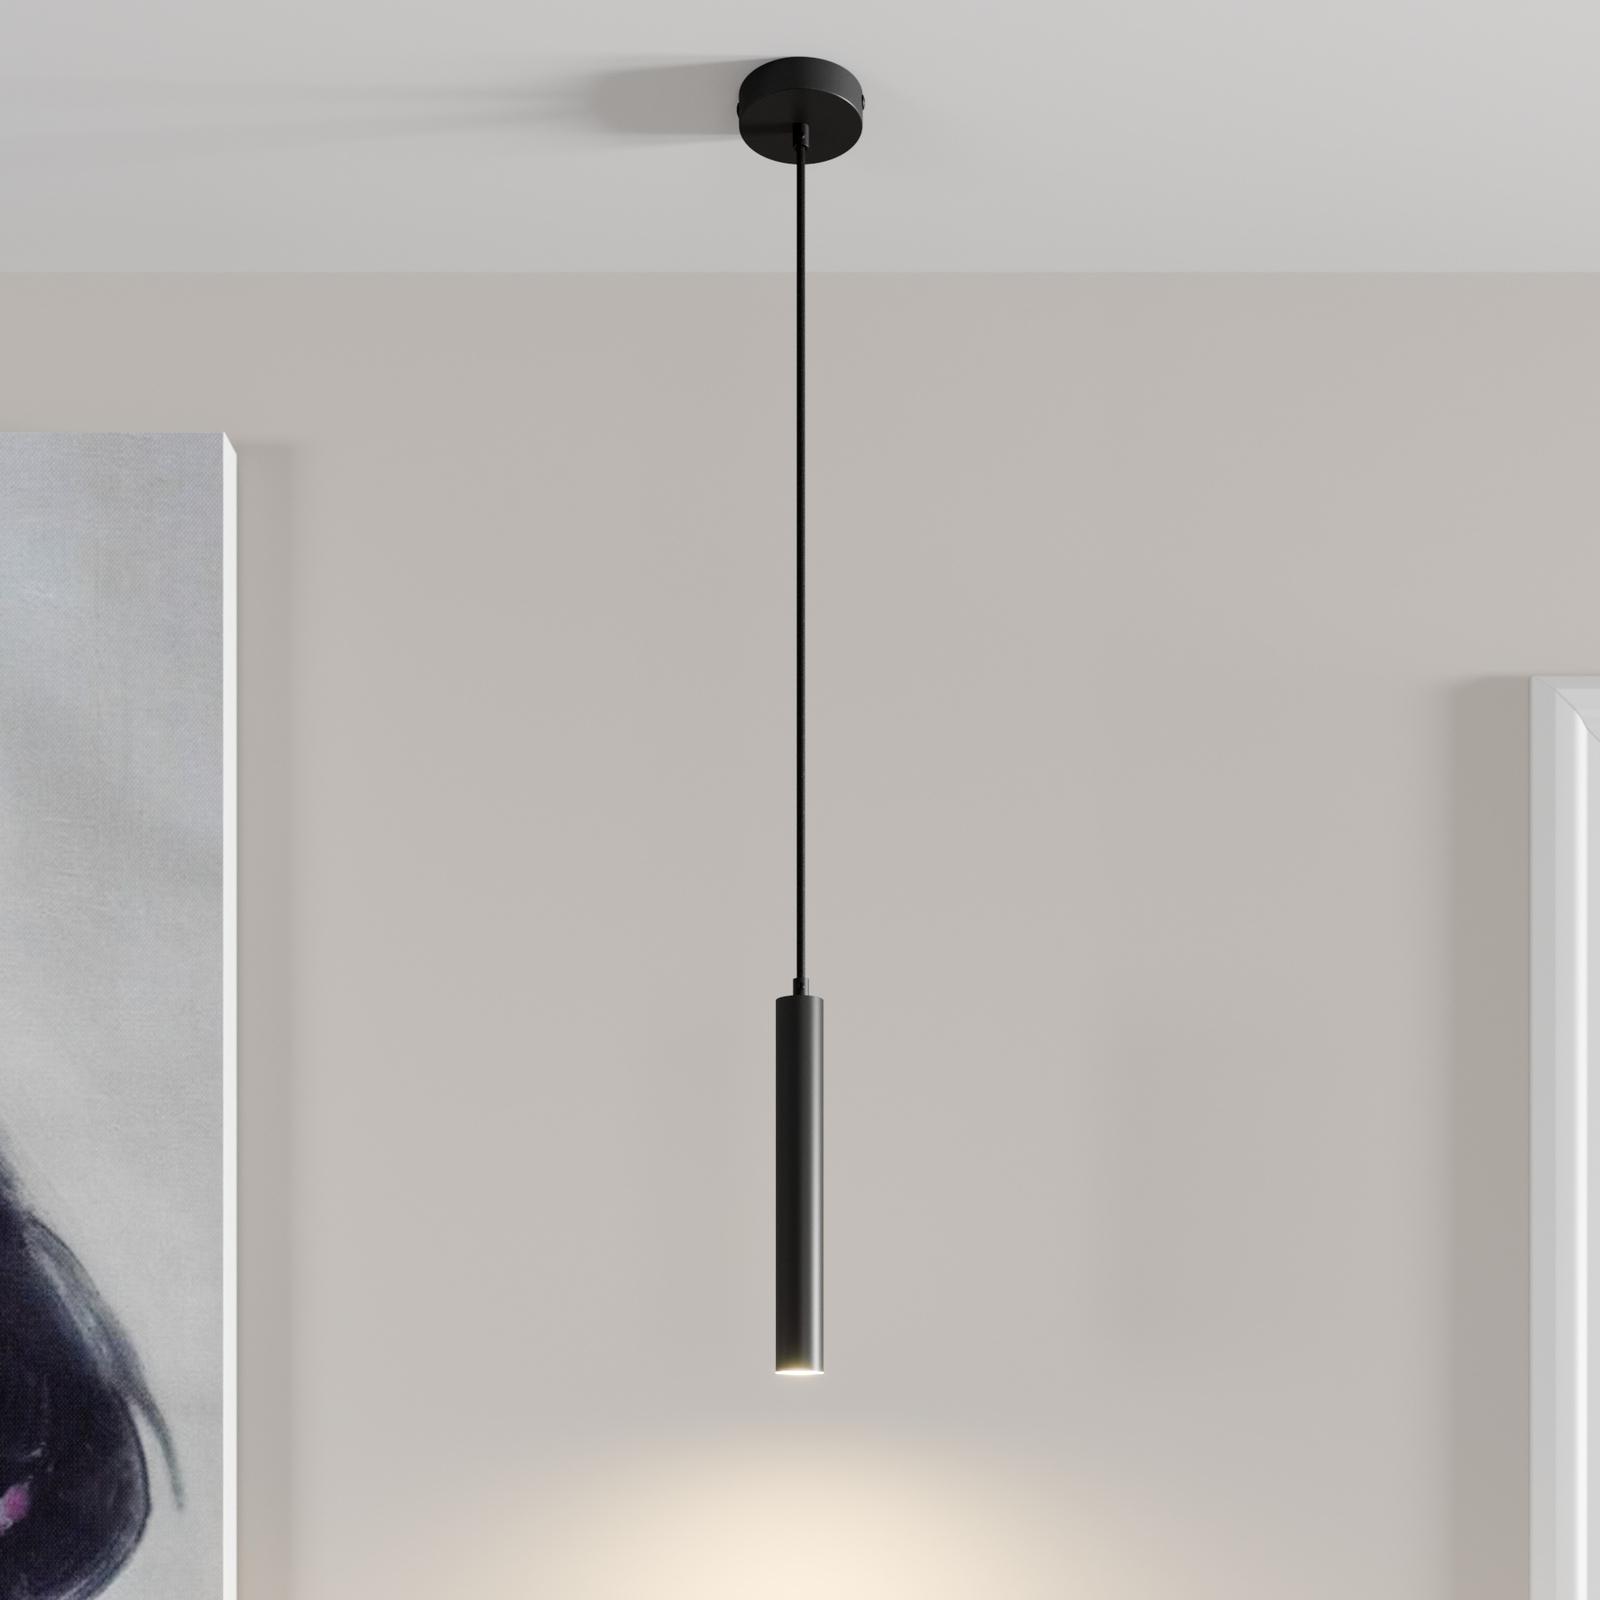 Arcchio Franka LED-pendellampa, 1 lampa